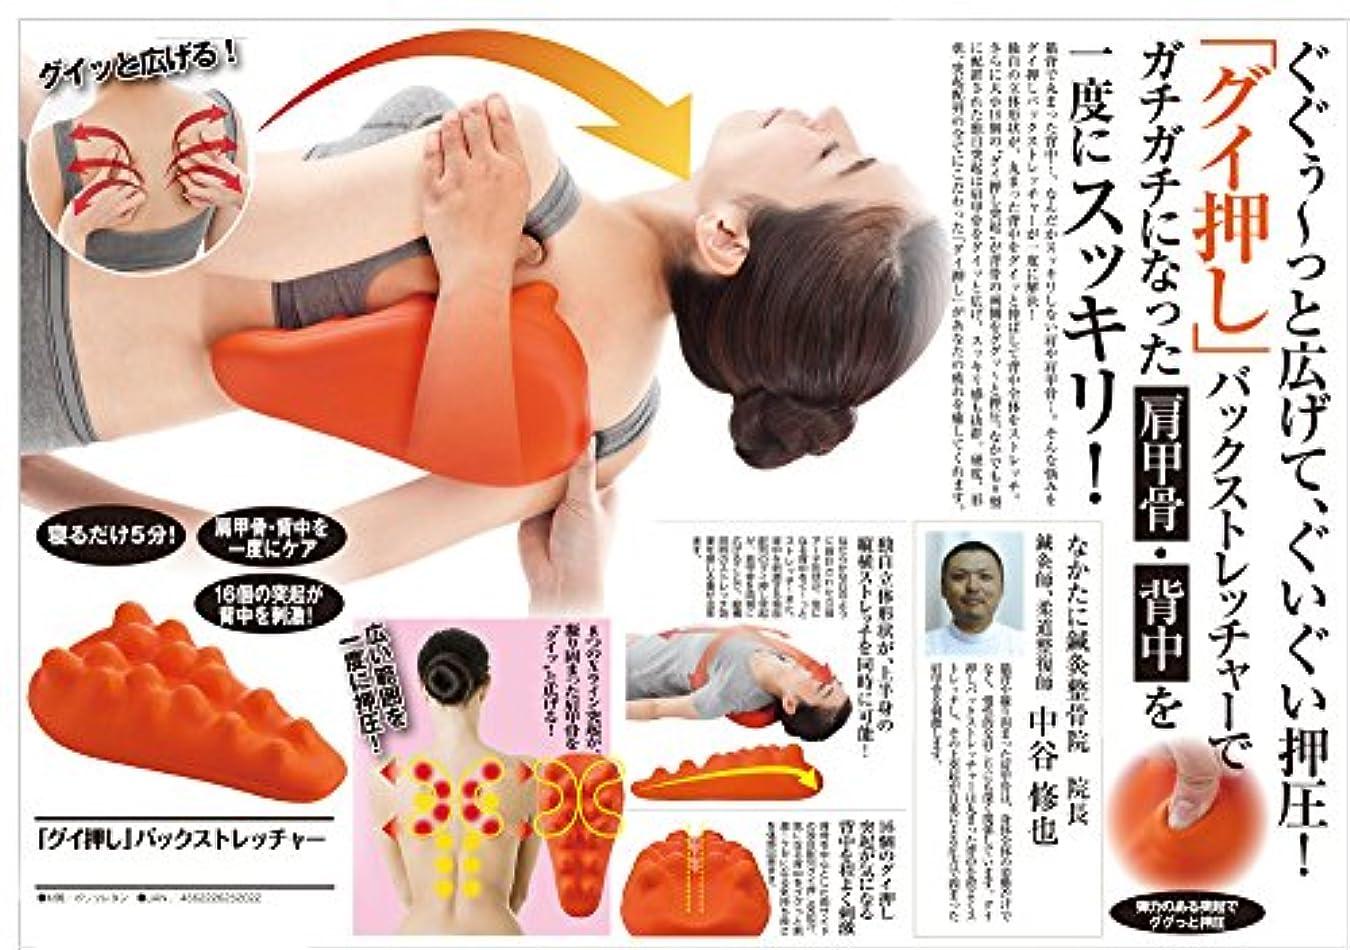 泣いている時間厳守エミュレートする肩こり 解消グッズ 肩甲骨?背中 を一度にスッキリ 人気アイテム グイ押しバックストレッチャー